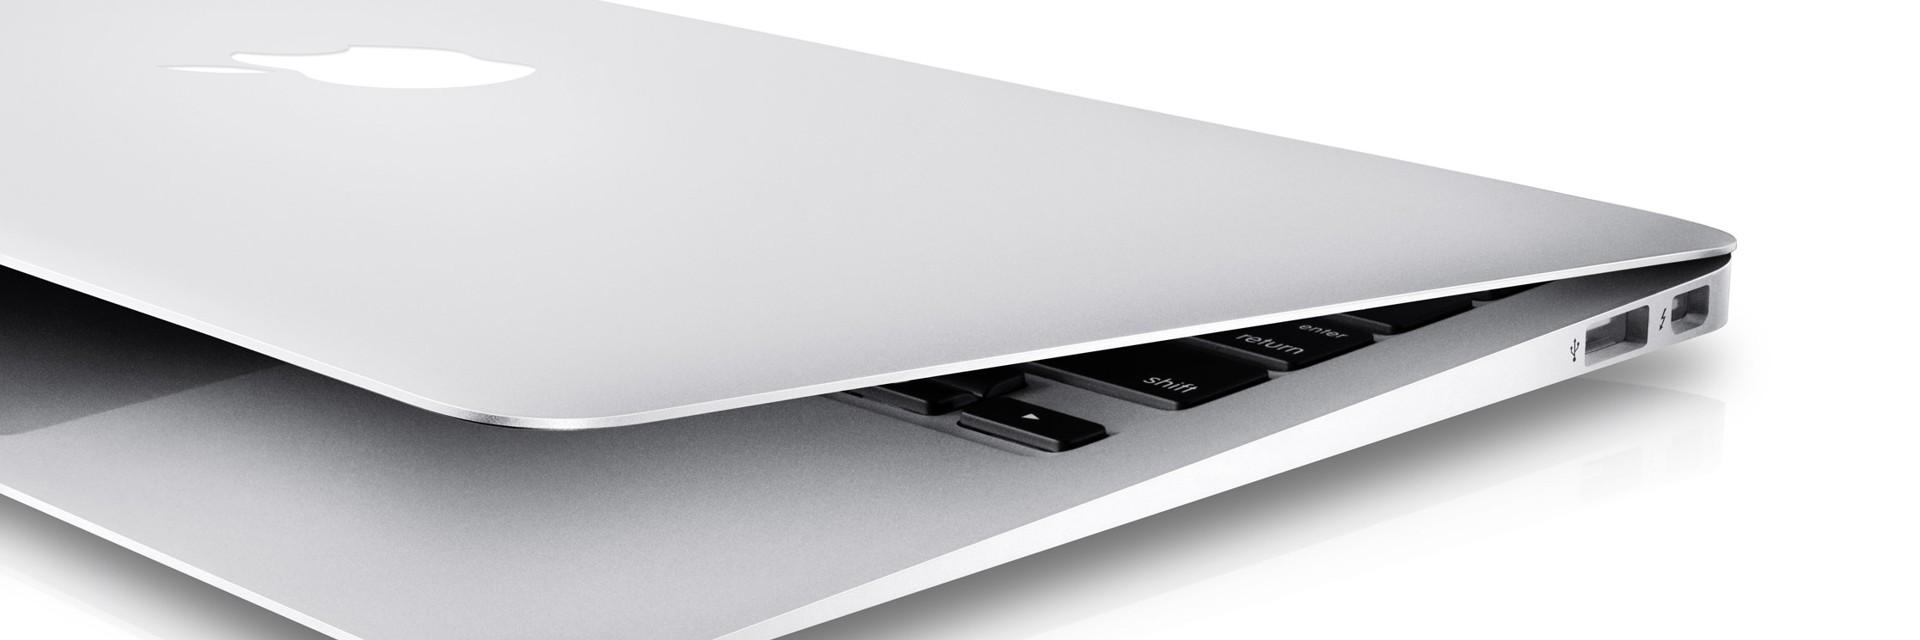 ¿Puedo usar un cargador de distintos vátios (W) con mi portátil Macbook Pro o Air?